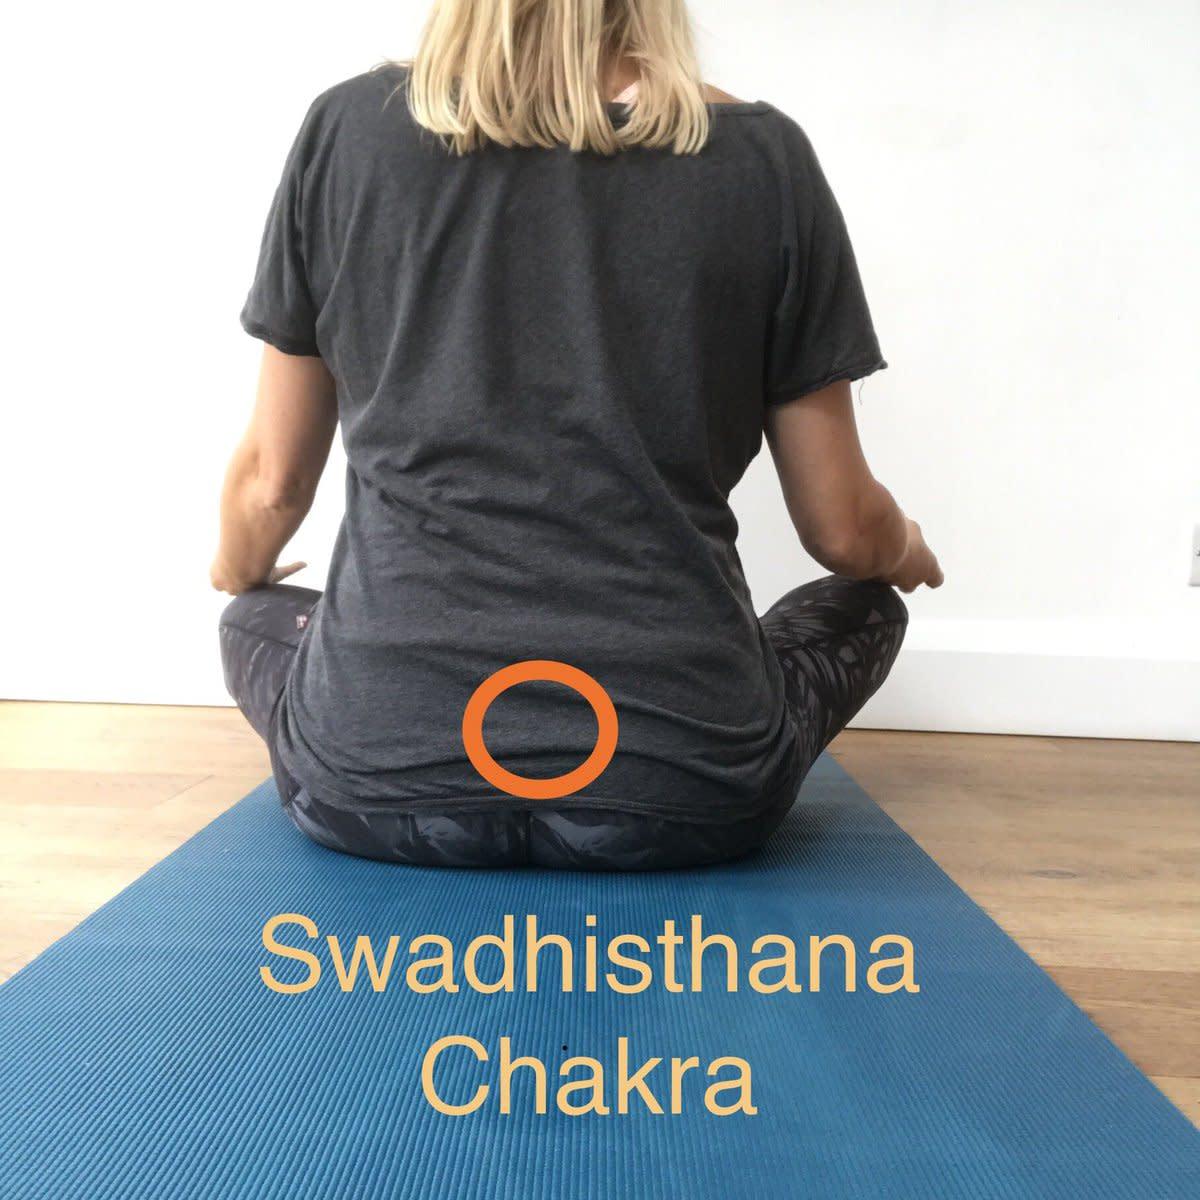 Actual location of Swadhisthana chakra